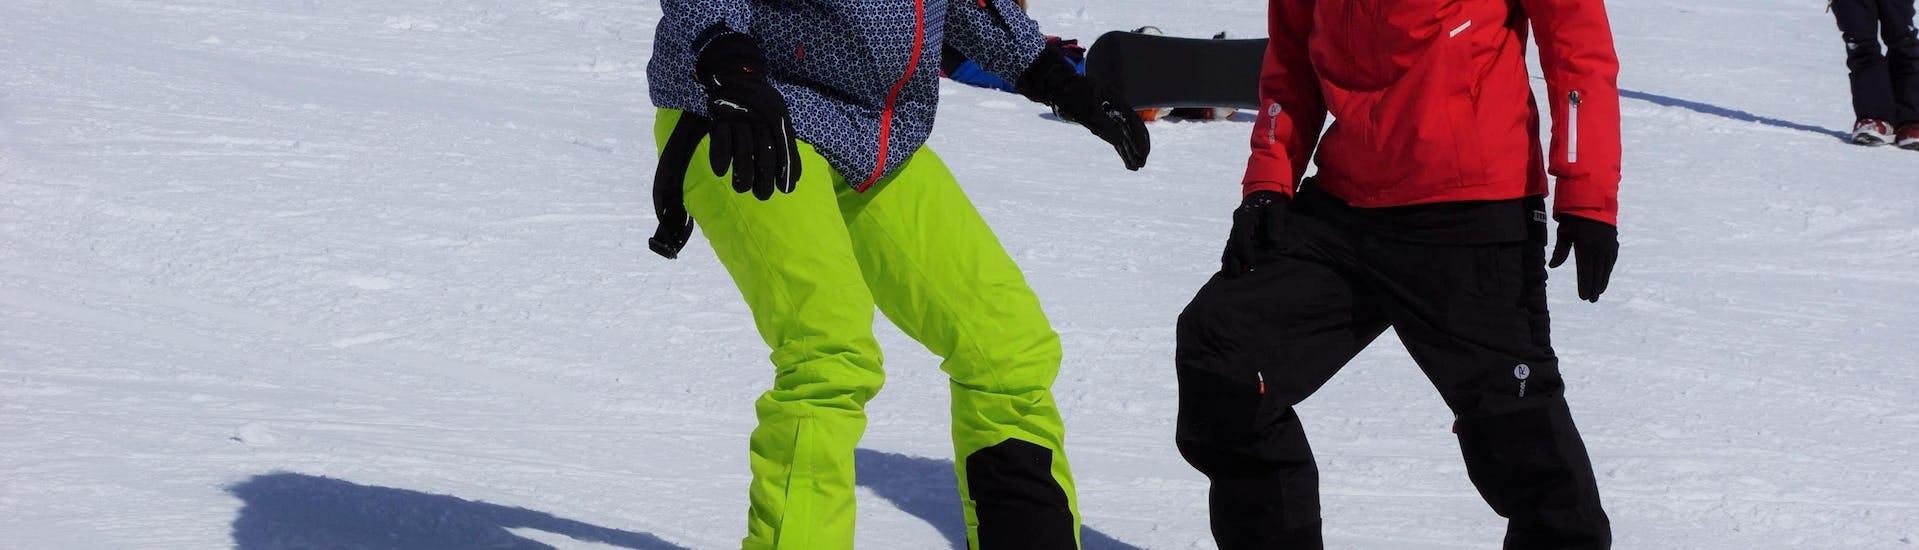 Ein Snowboardlehrer der Ski & Snowboardschule Vacancia unterrichtet einen Teilnehmer der Aktivität Privater Snowboardkurs für Erwachsene - Alle Levels, im Skigebiet Sölden.